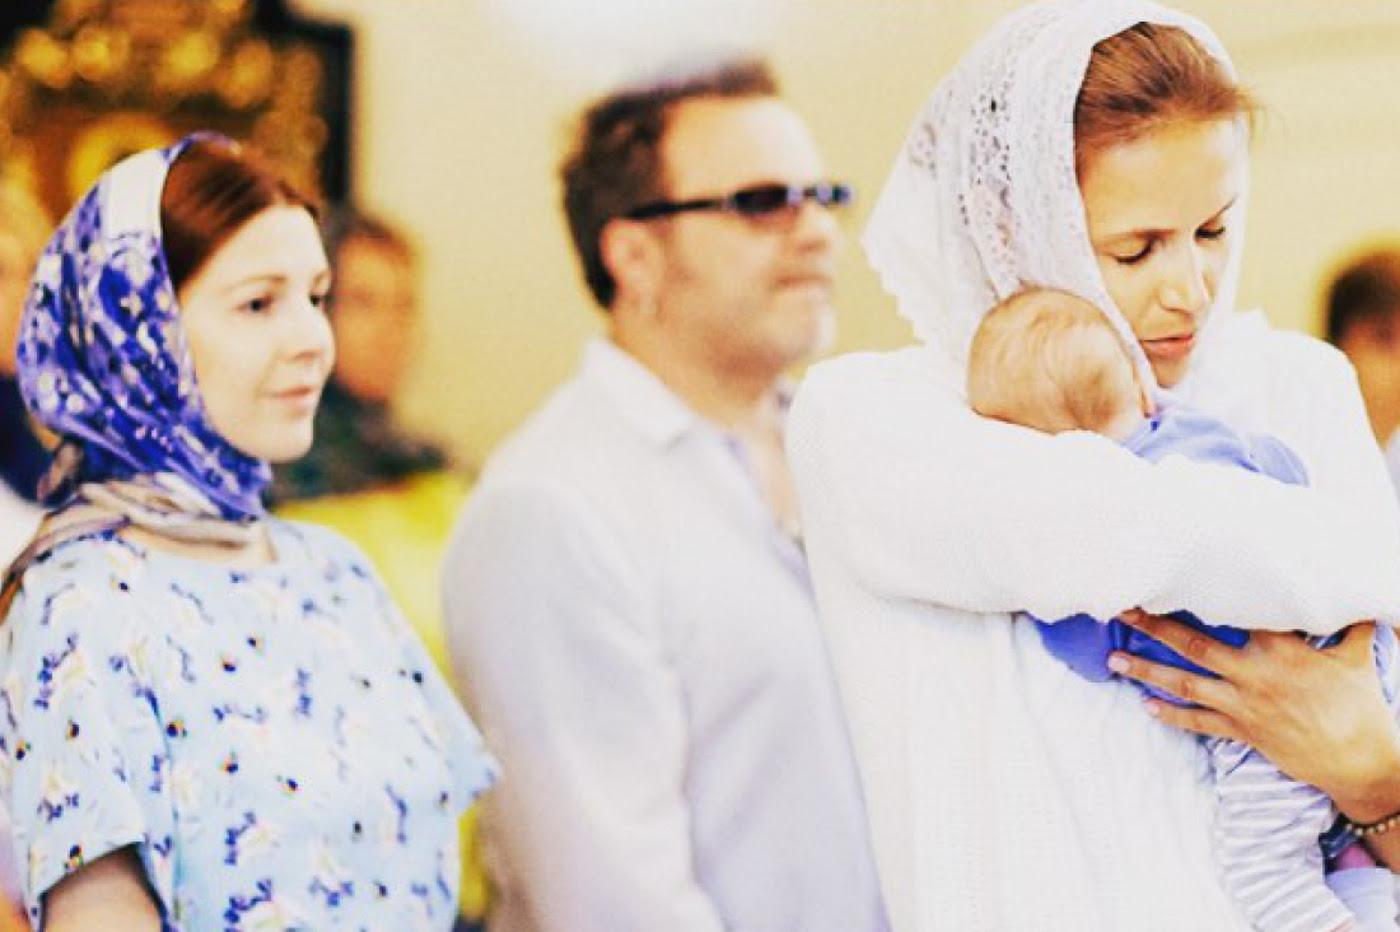 Владимир Пресняков и Наталья Подольская крестили новорожденного сына